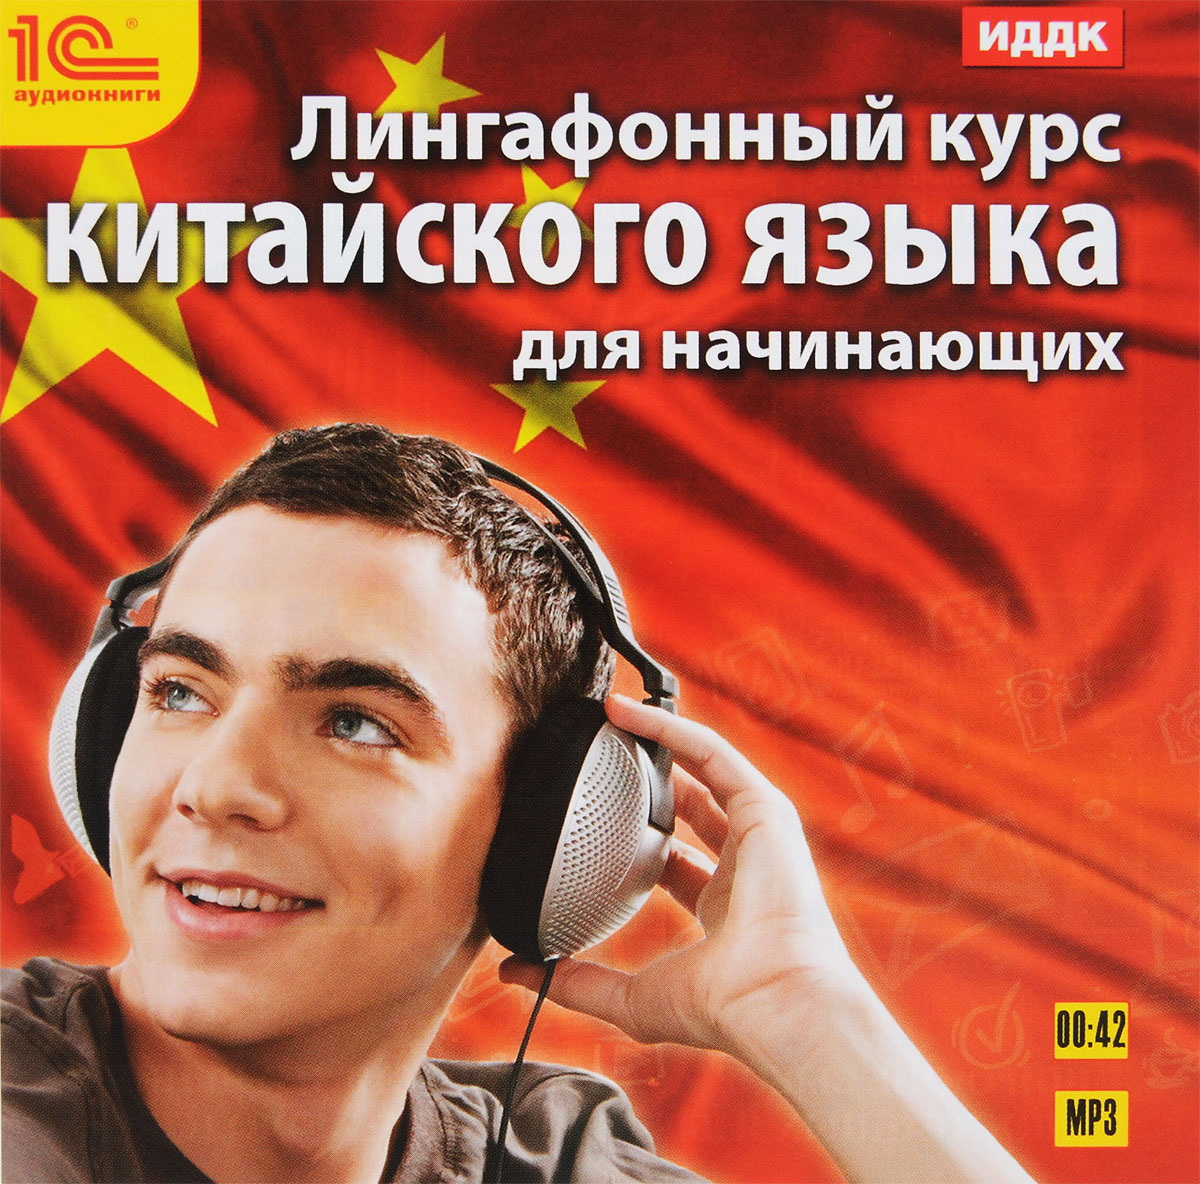 1С:Аудиокниги. Лингафонный курс китайского языка для начинающих